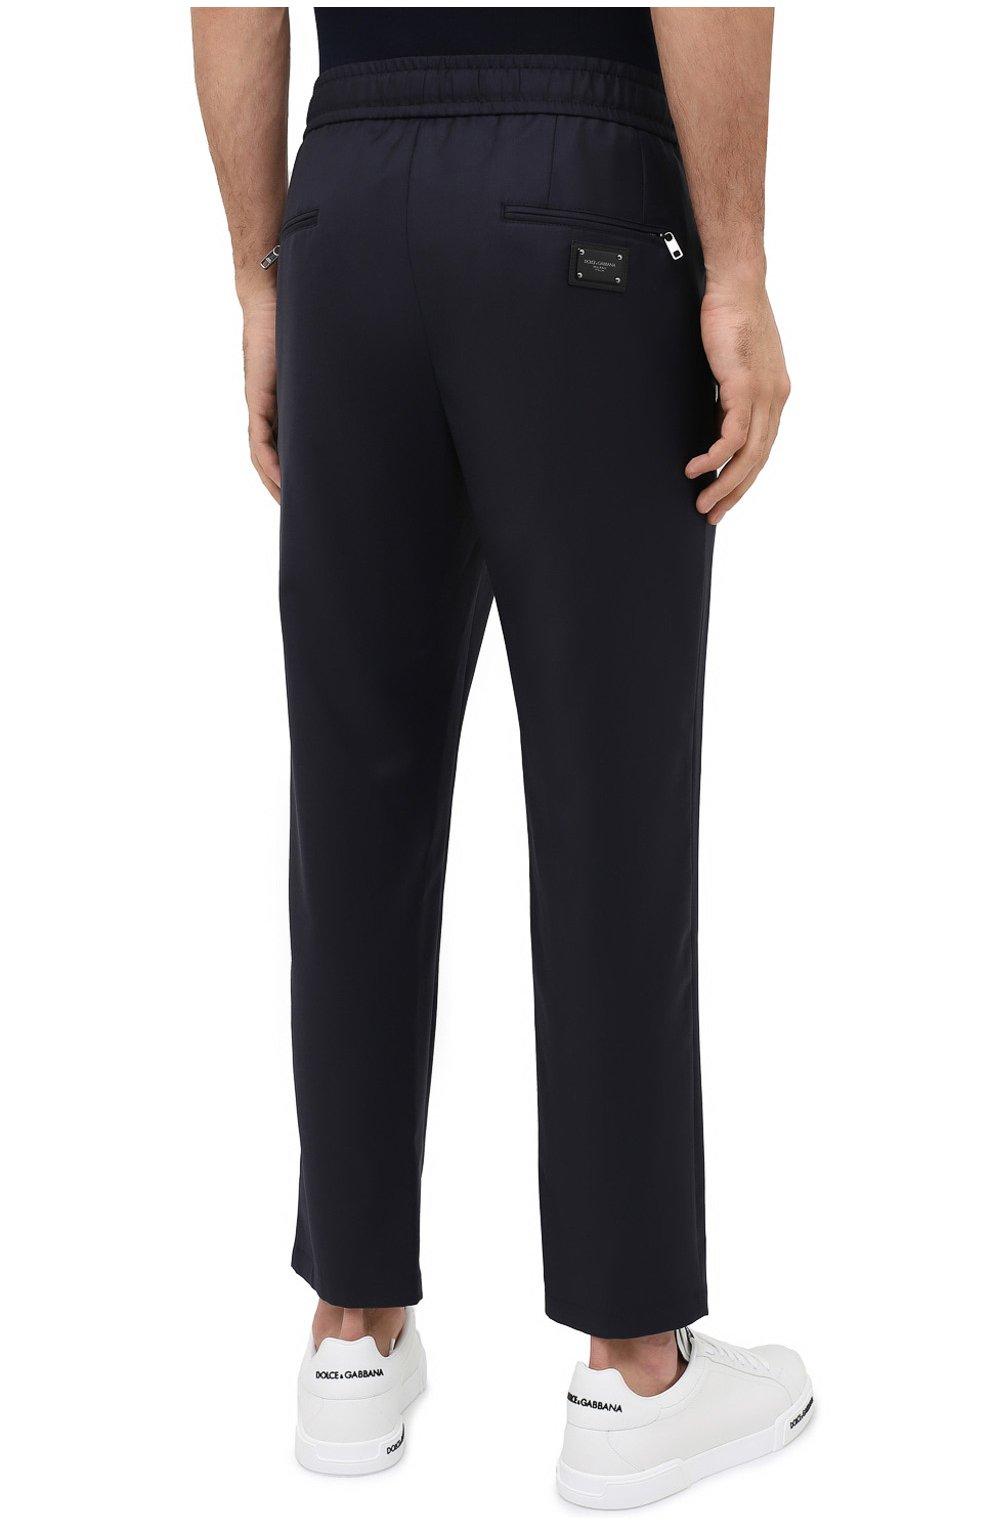 Мужские шерстяные брюки DOLCE & GABBANA синего цвета, арт. GYACET/FU2Z9   Фото 4 (Материал внешний: Шерсть; Длина (брюки, джинсы): Стандартные; Случай: Повседневный; Стили: Кэжуэл)